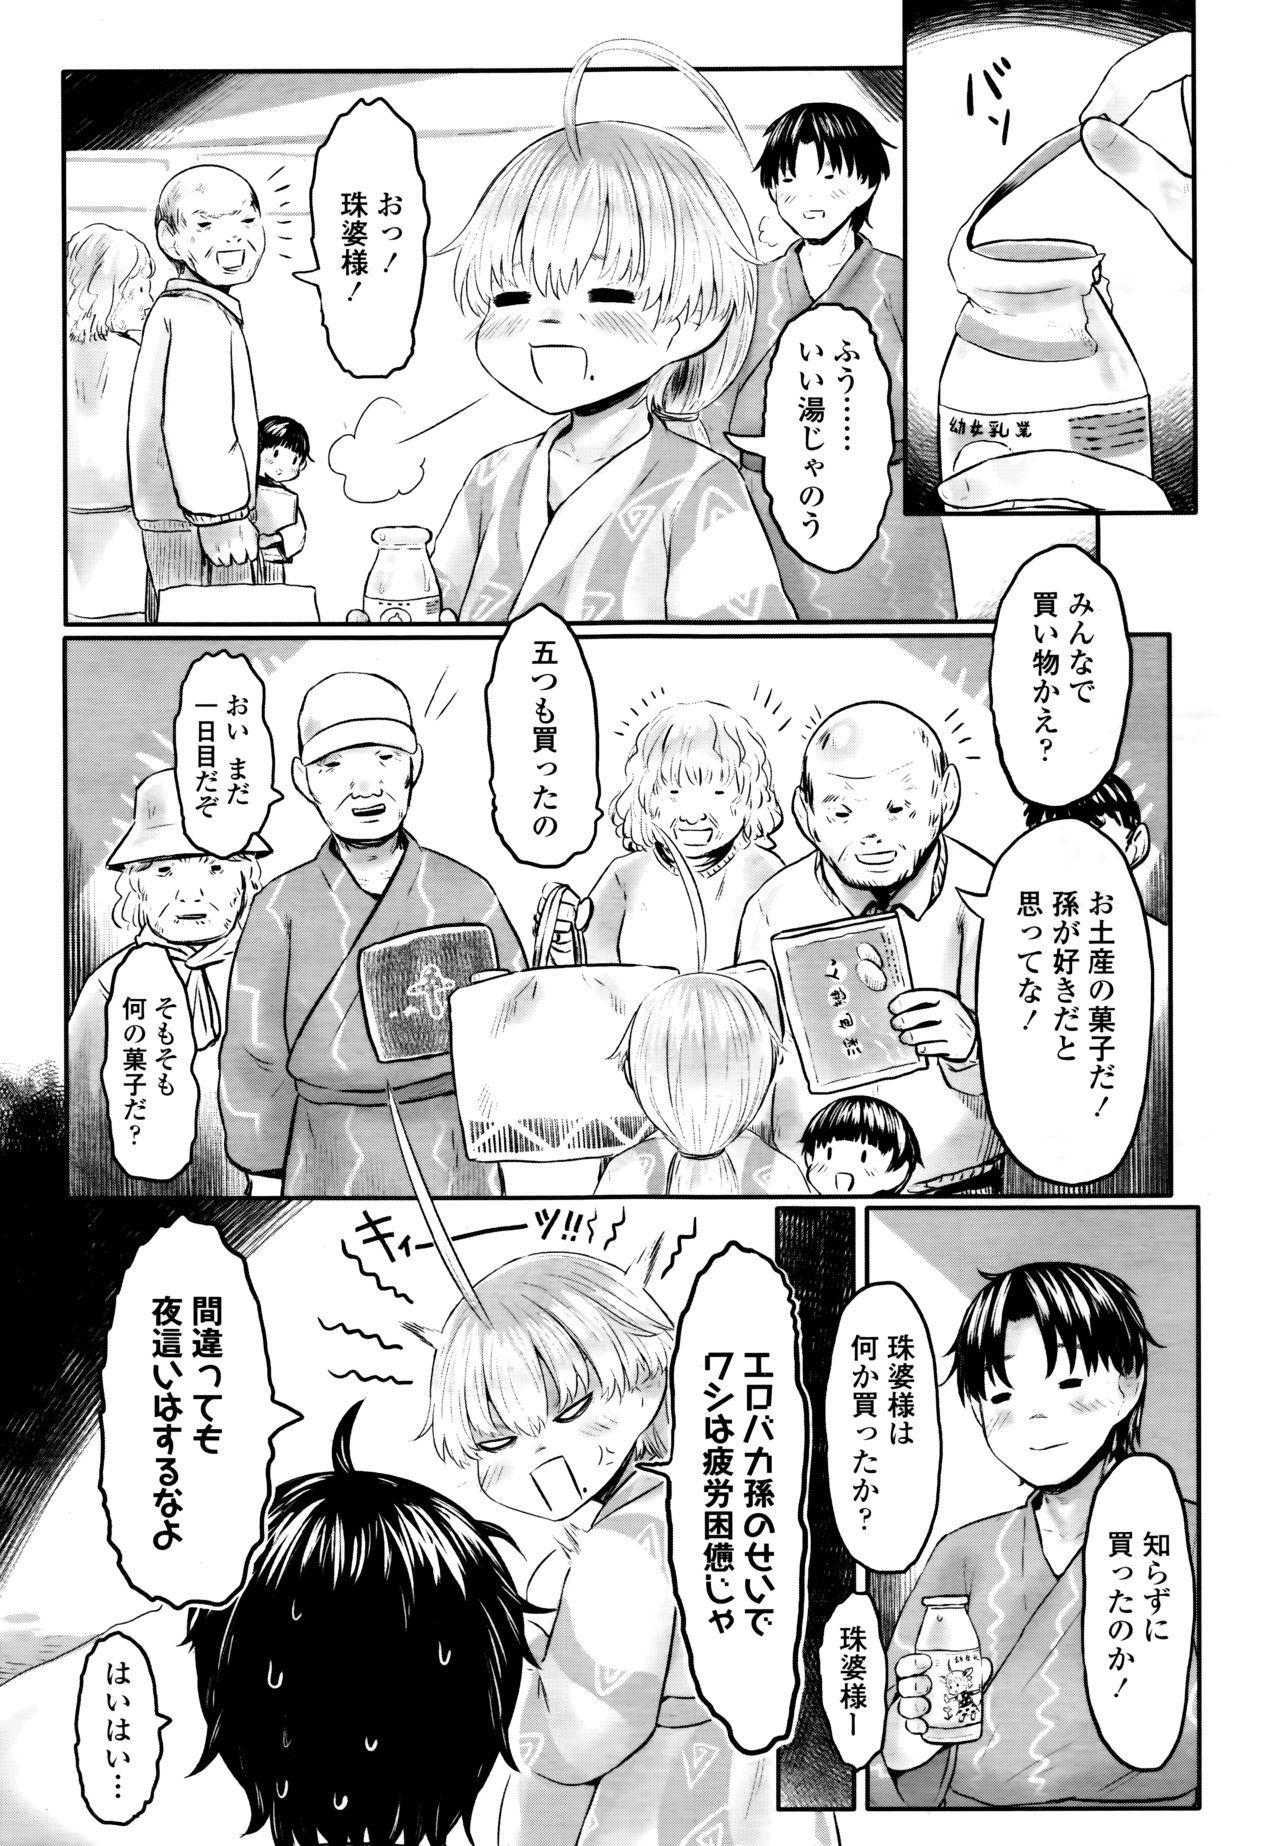 Towako 6 200